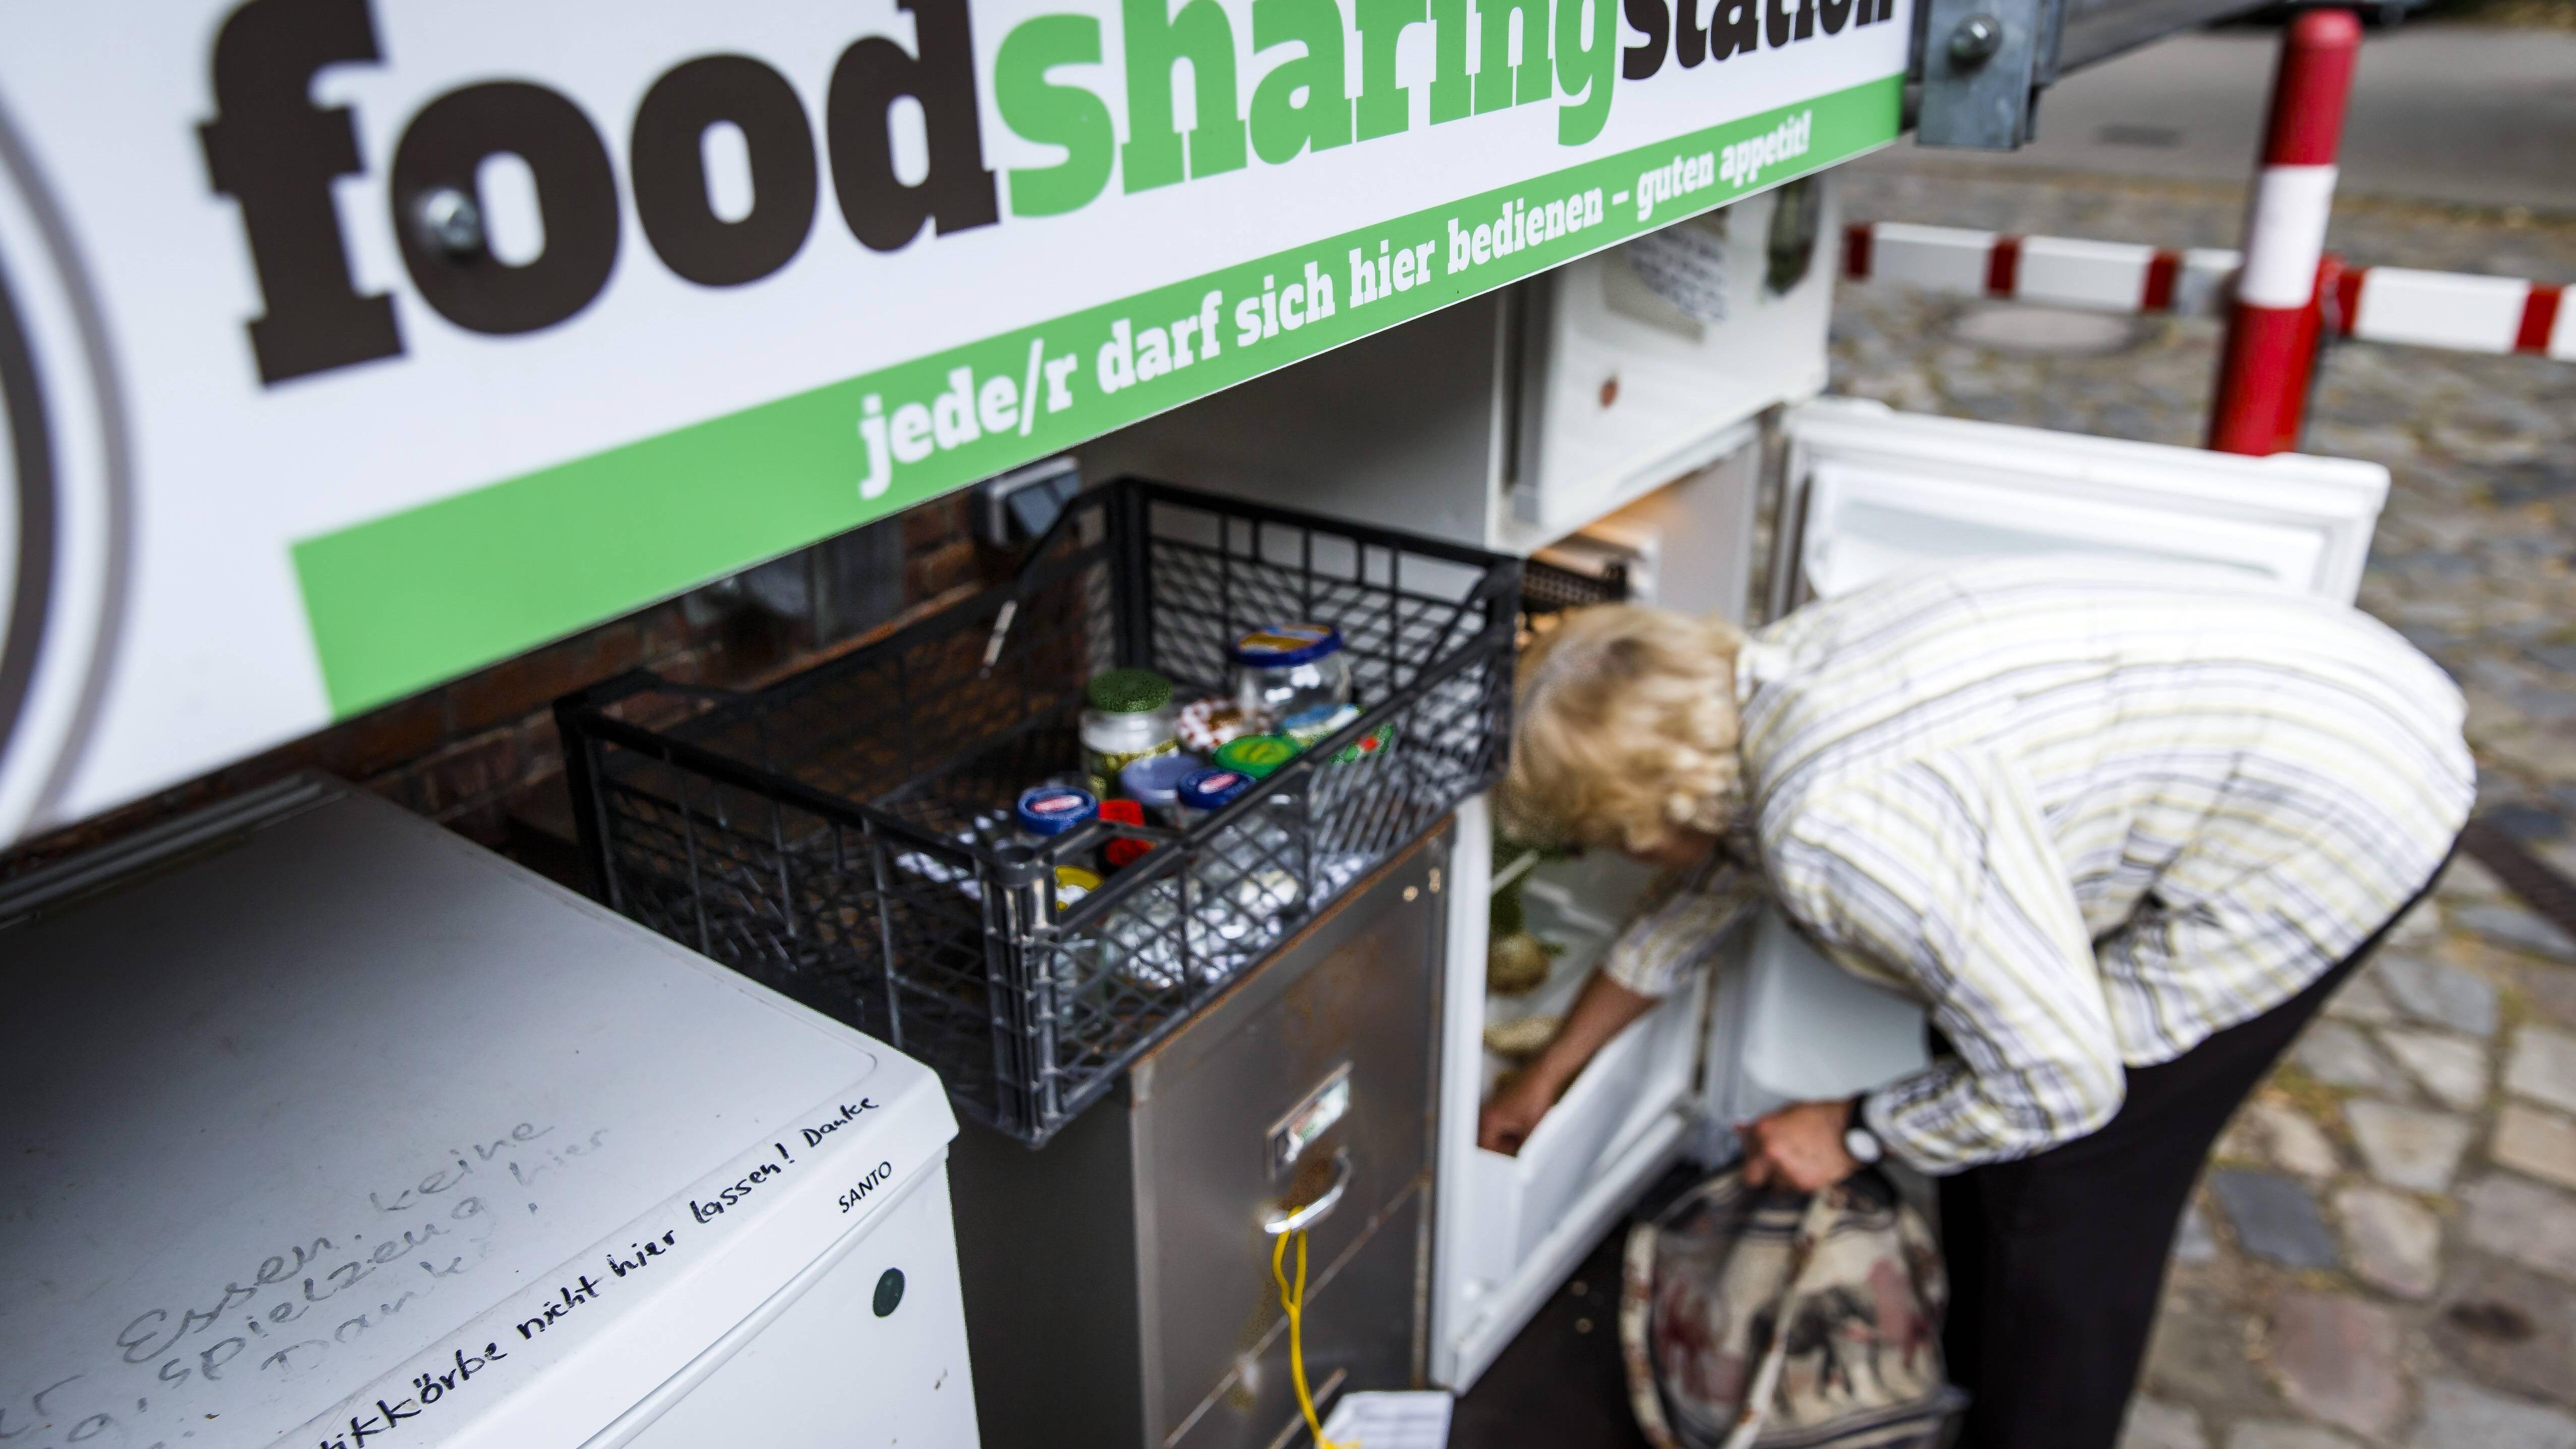 Von Foodsharern an foodsharing Stationen hinterlassene Lebensmittel werden von Foodsavern abgeholt.